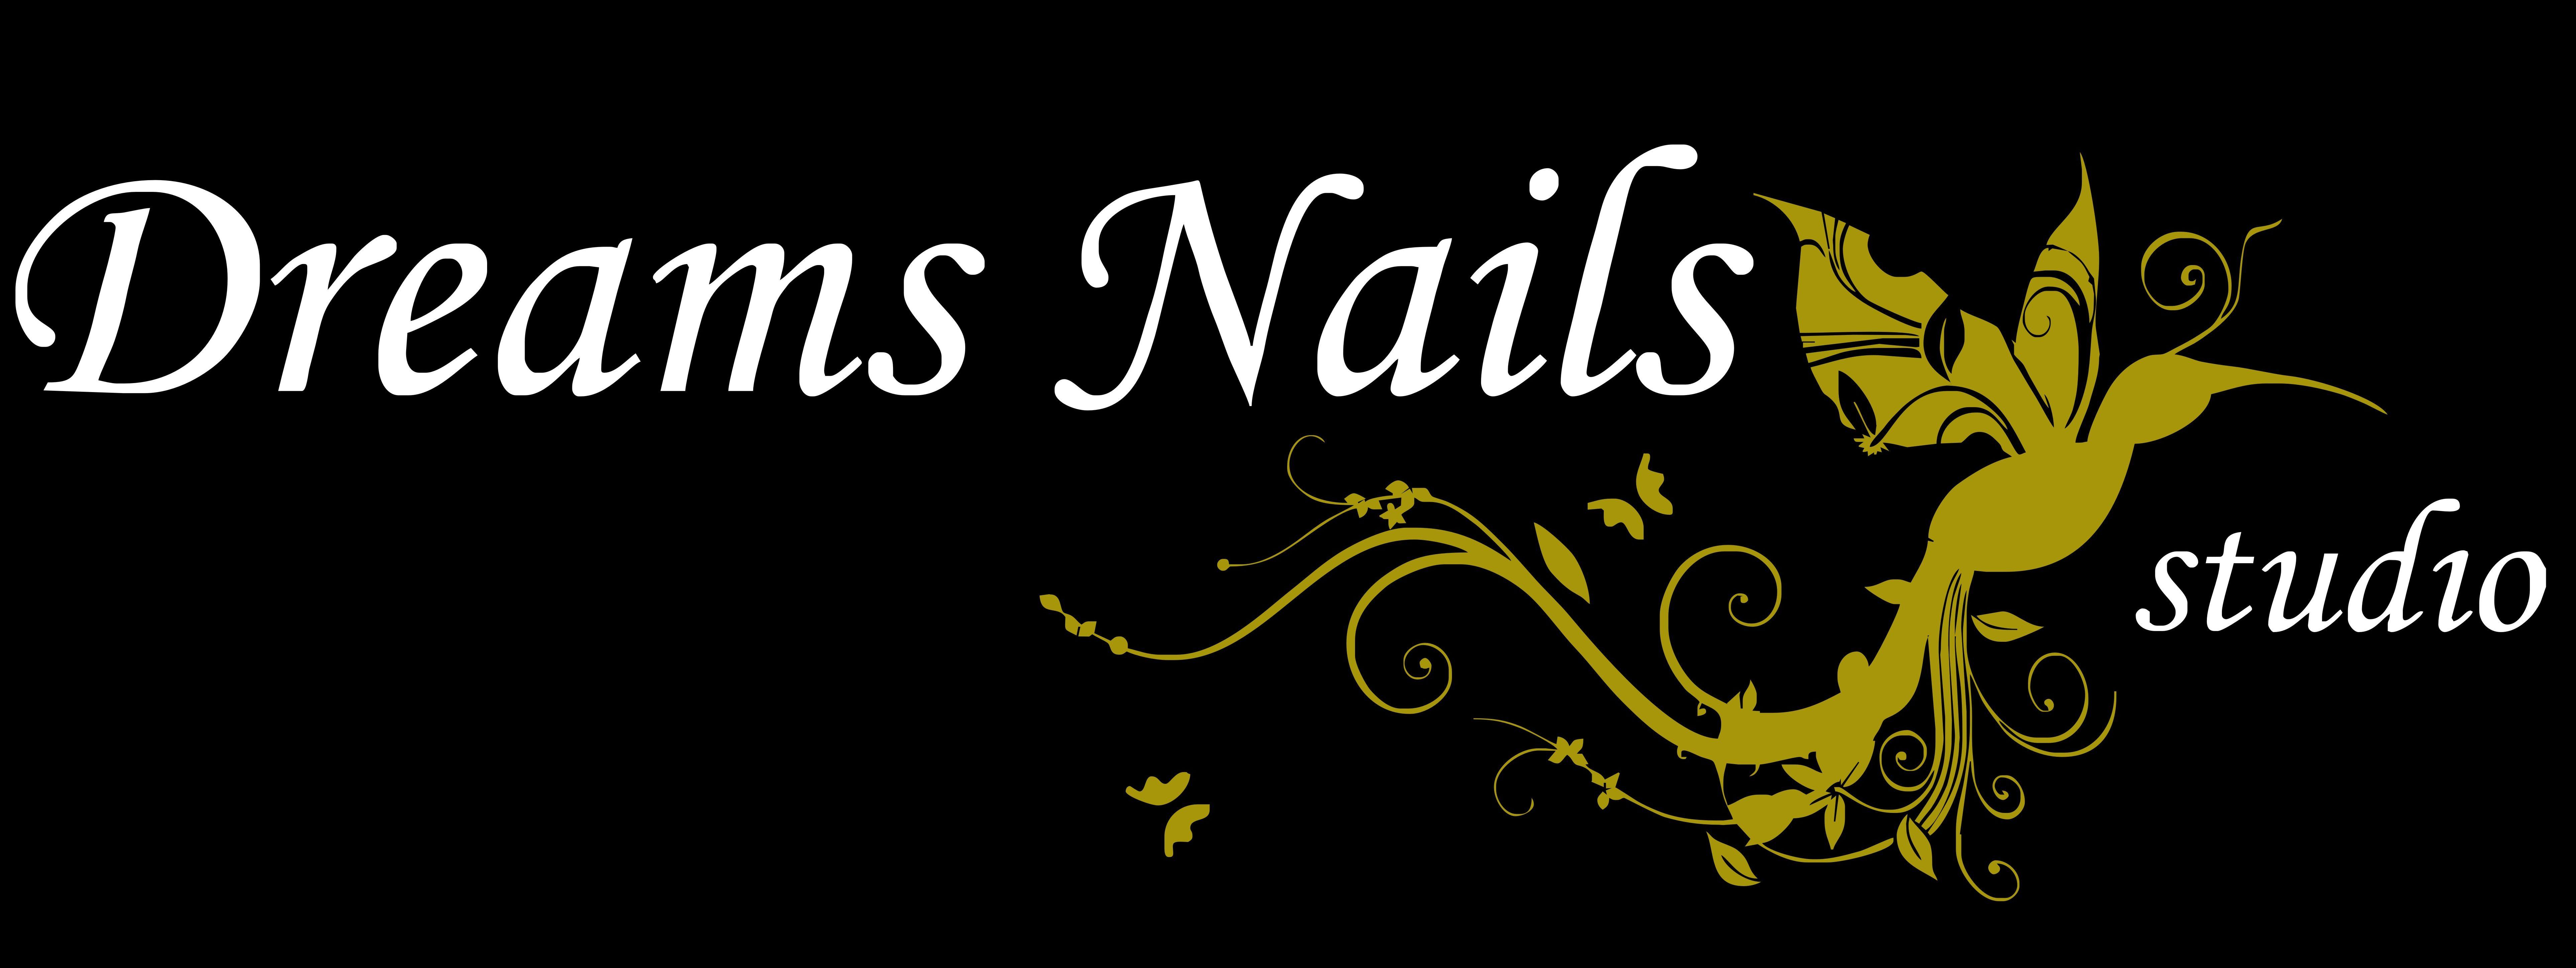 Dreams Nails Studio